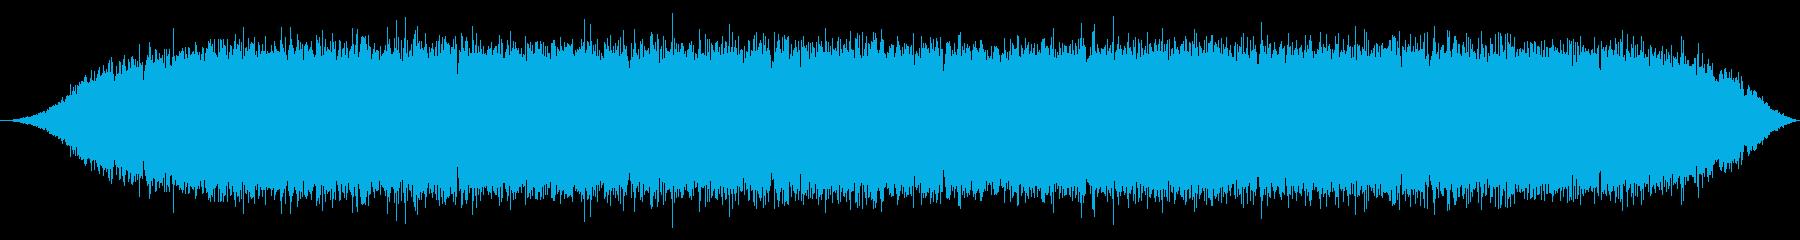 少年漫画によくあるオーラ表現の効果音2の再生済みの波形